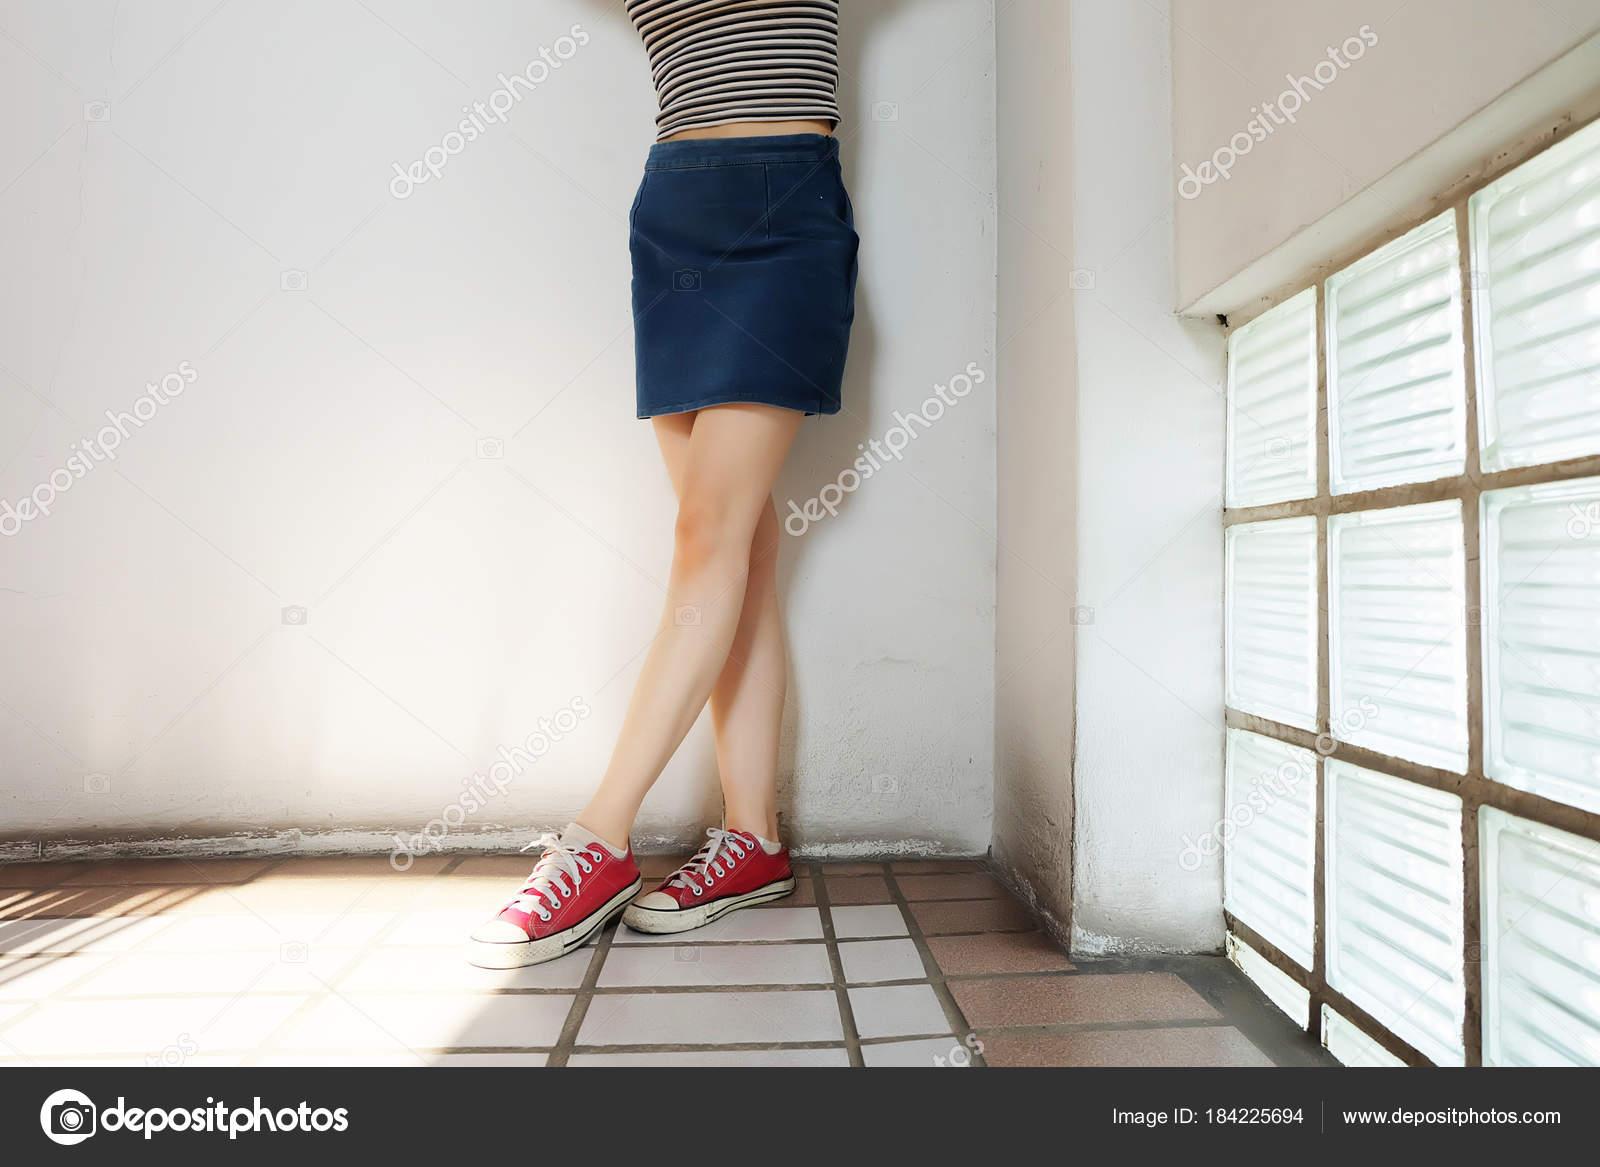 space between womens legs